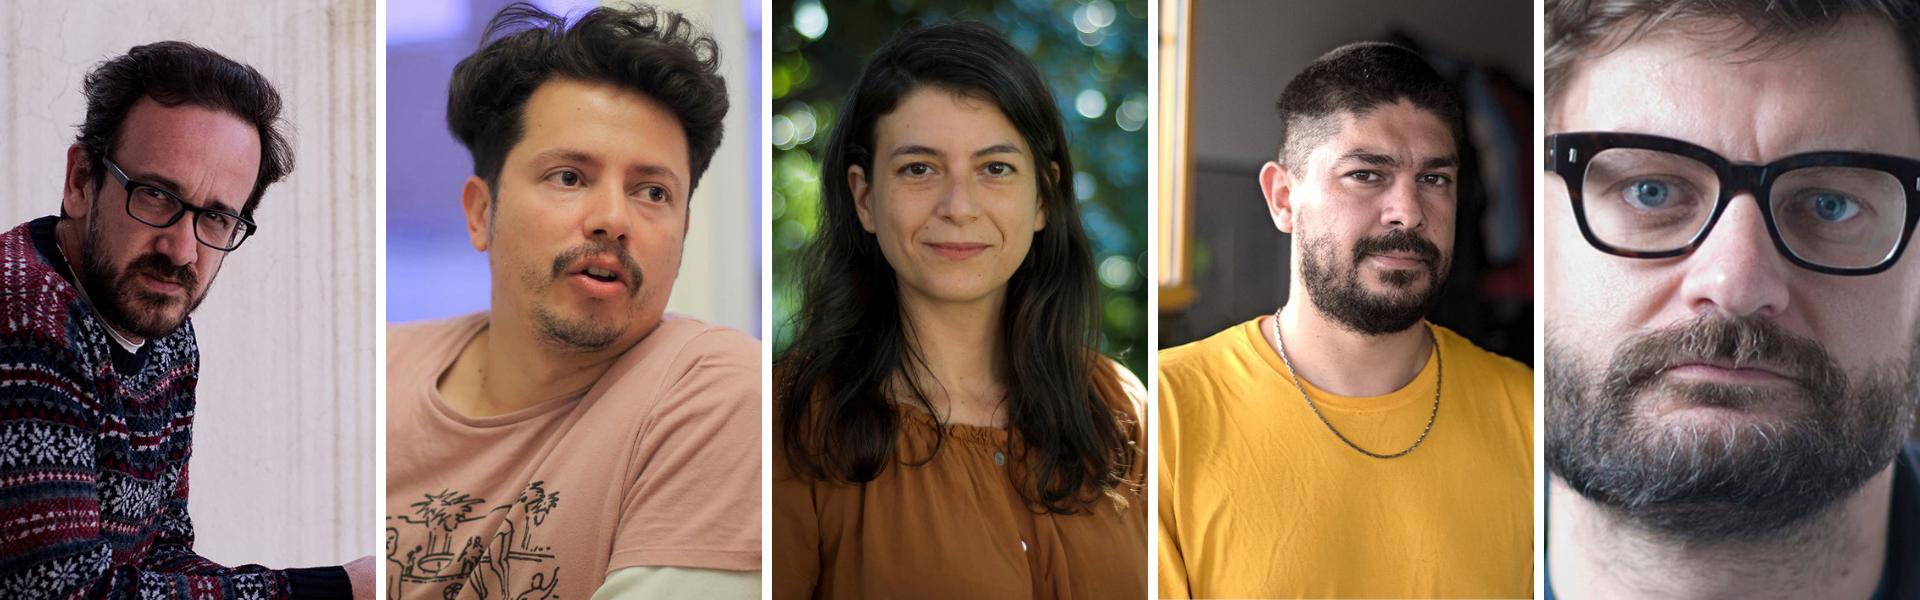 """5 autores que, según Crespi, hacen """"realismo infame"""": Luciano Lamberti, Francisco Bitar, Samanta Schweblin, Carlos Godoy y Federico Falco"""